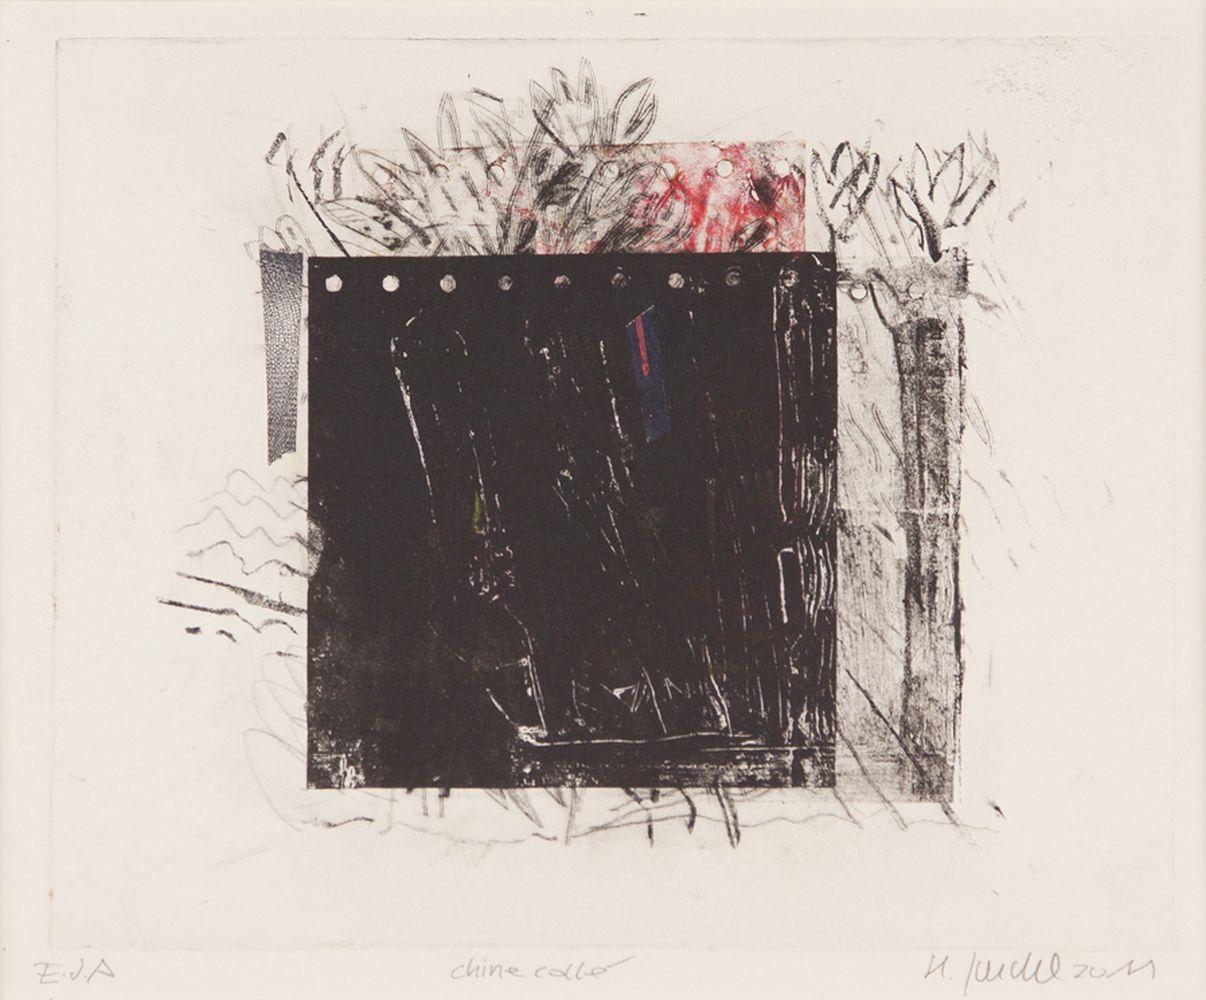 Das schwarze Quadrat - Aquatinta und Kaltnadel Chine collè auf Tiefdruckpapier 55x40cm - 2011